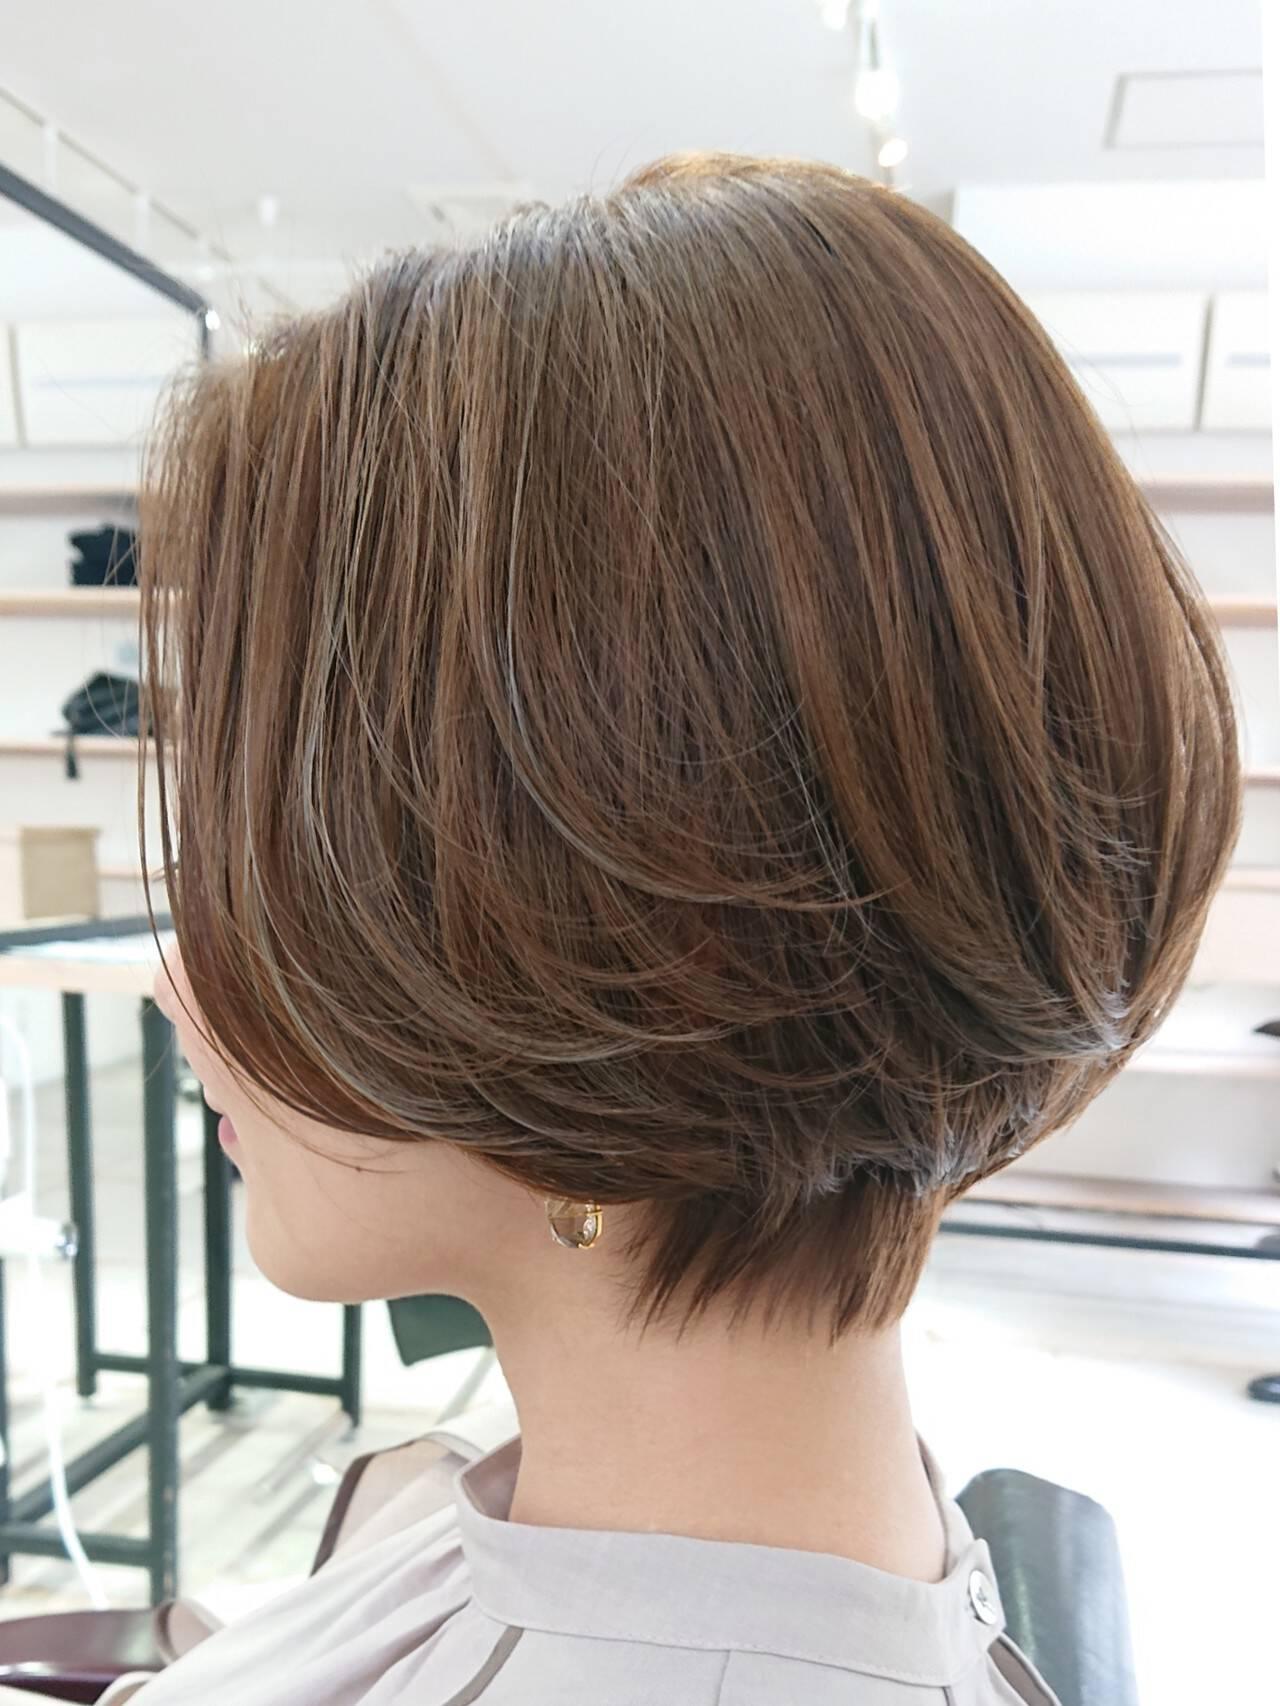 透明感 簡単スタイリング ボブ デザインカラーヘアスタイルや髪型の写真・画像